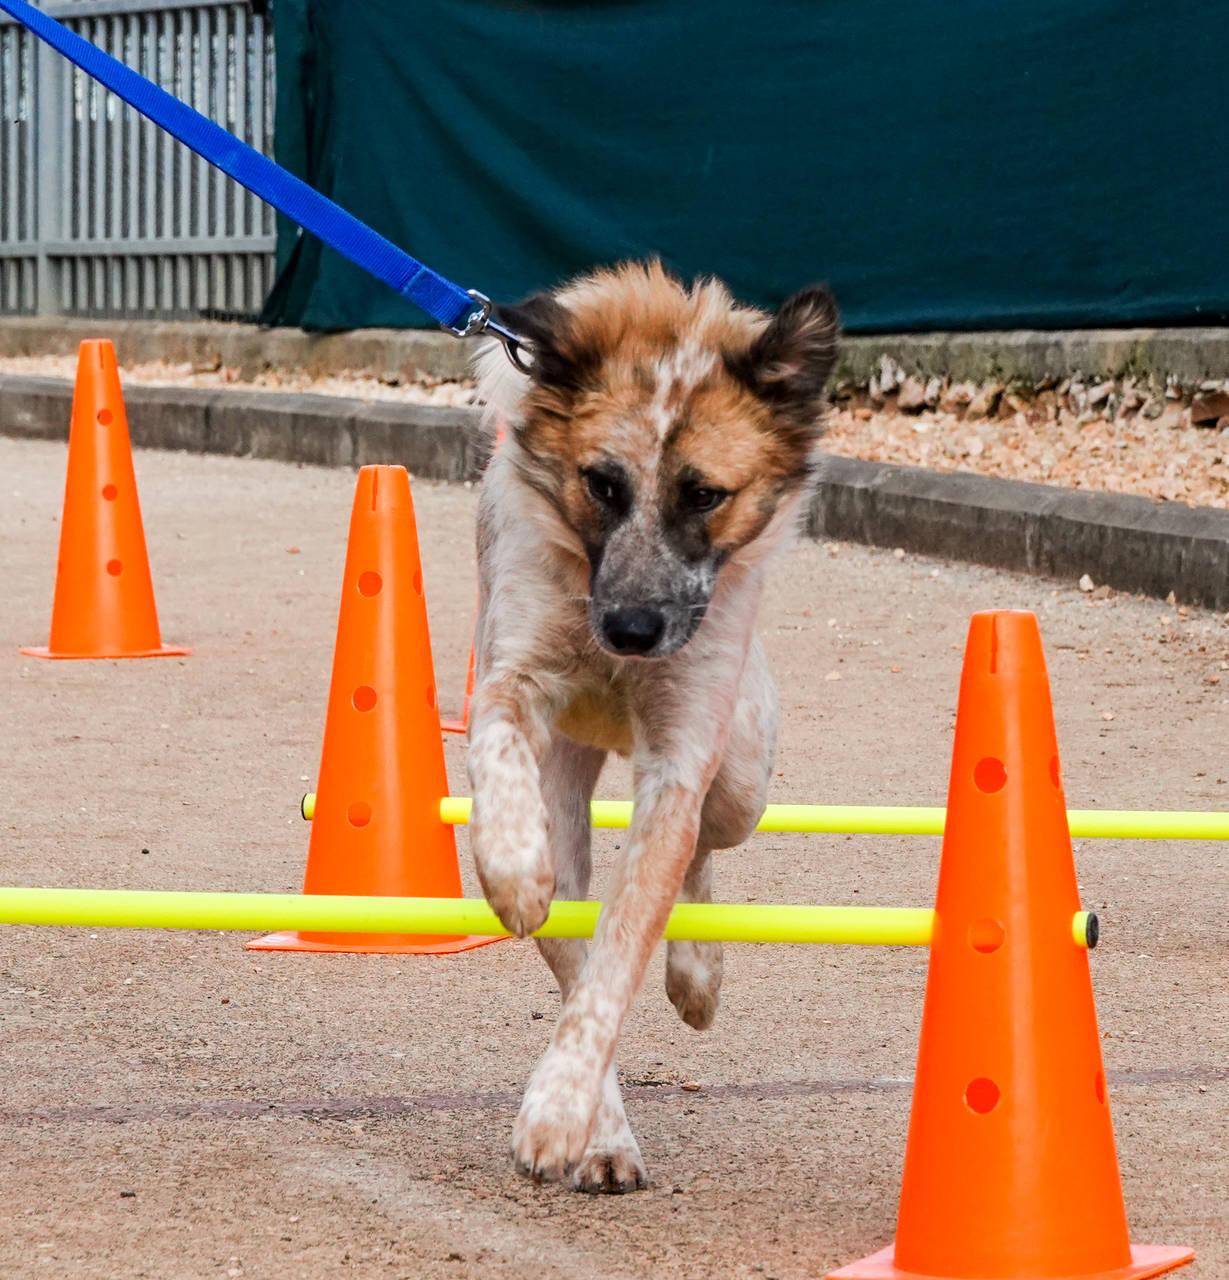 כלב בעל פרווה חומה ולבן קופץ מעל מסלול מכשולים לכלבים.